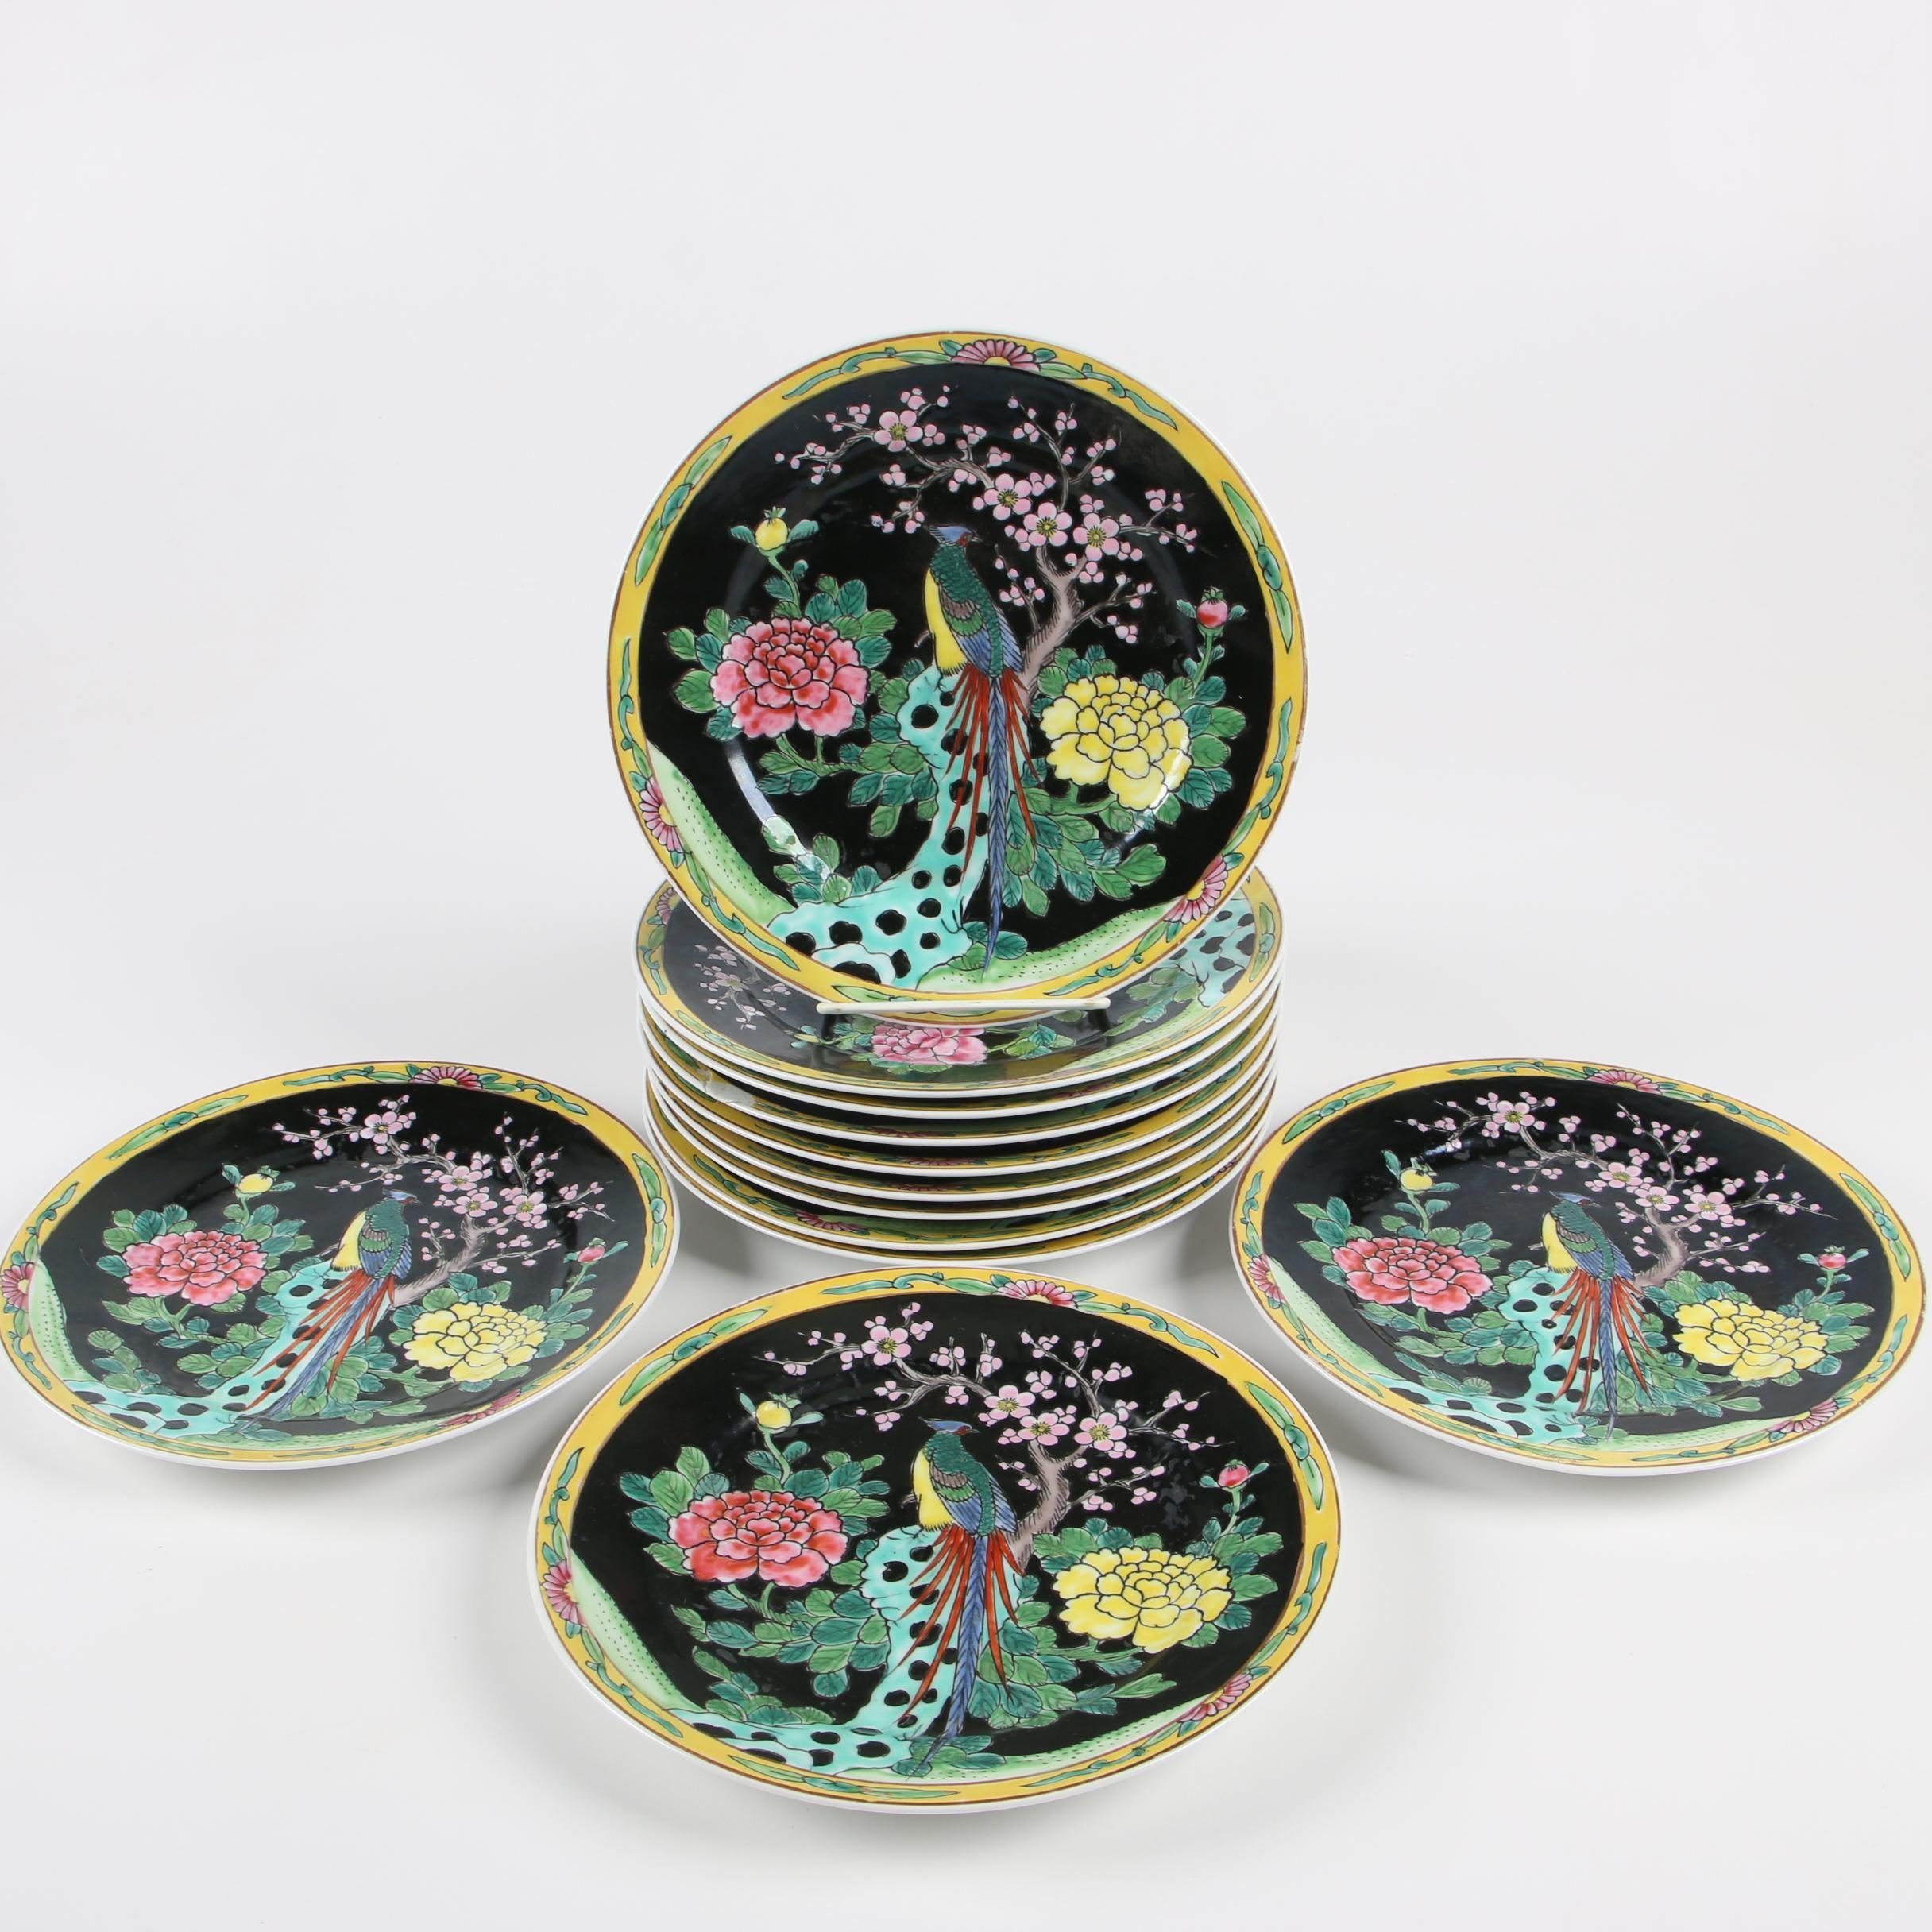 Enameled Porcelain Salad Plates